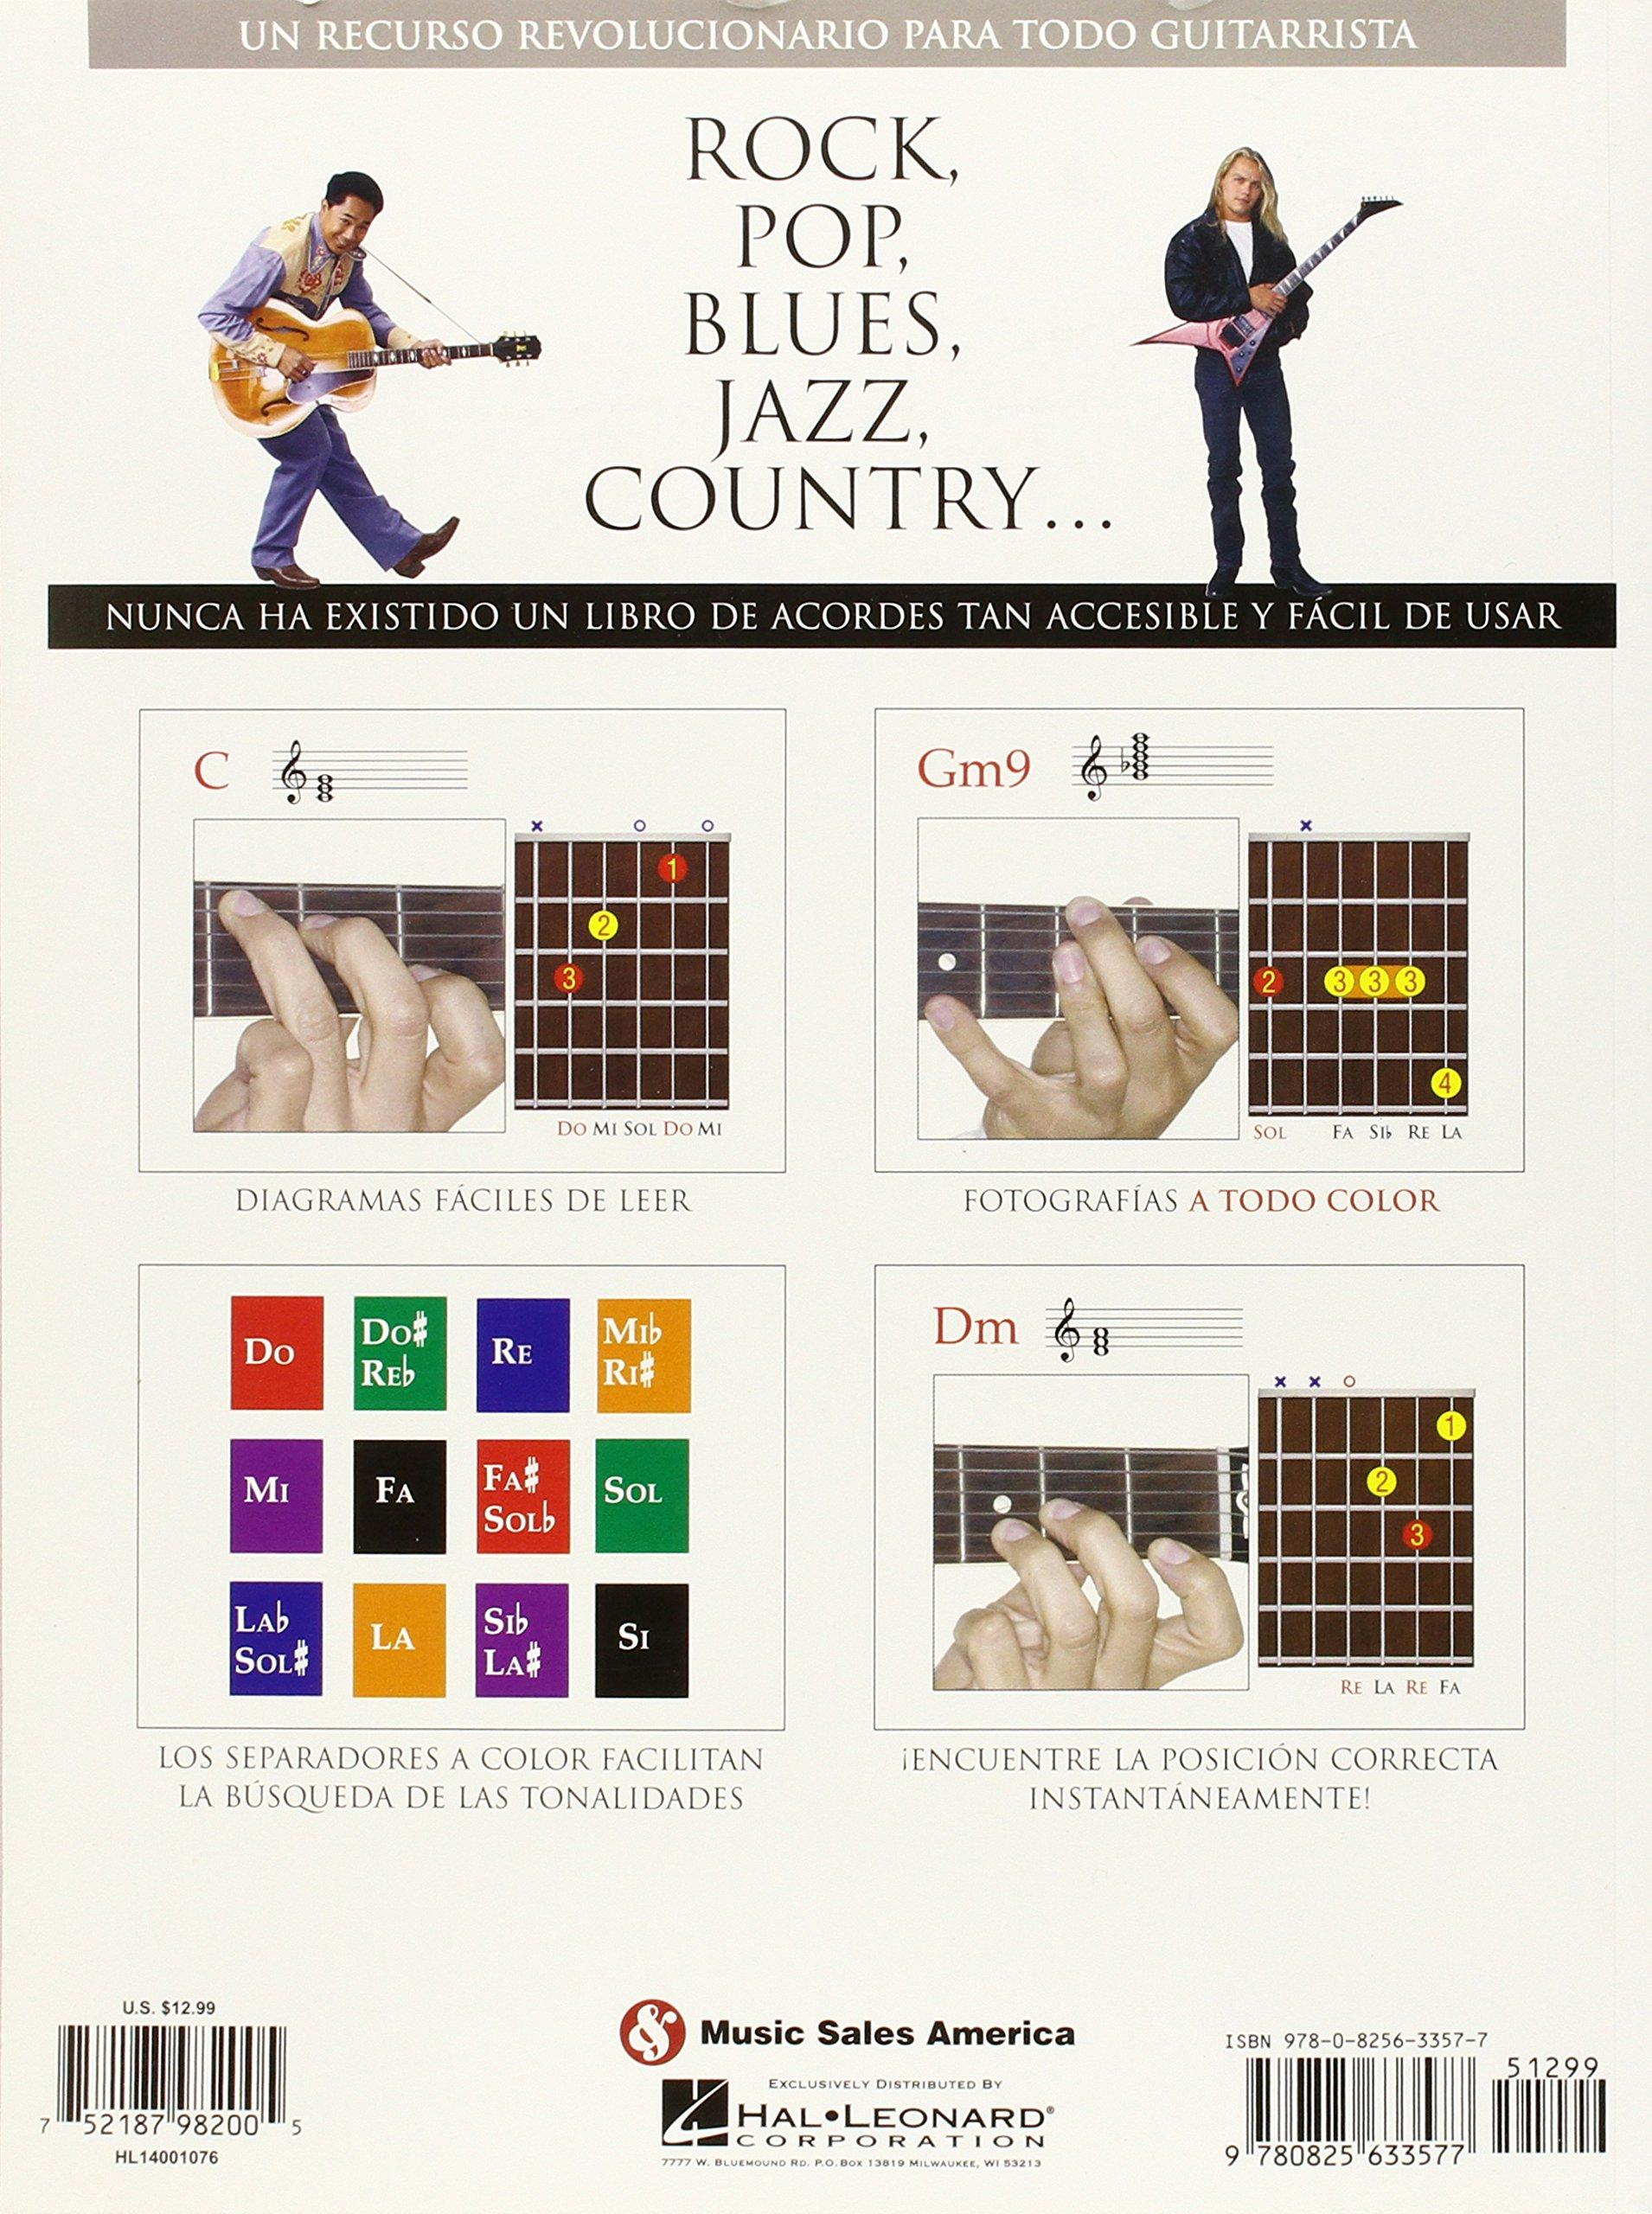 Acordes Ilustrados Para Guitarra: Amazon.es: Orozco, Felipe: Libros